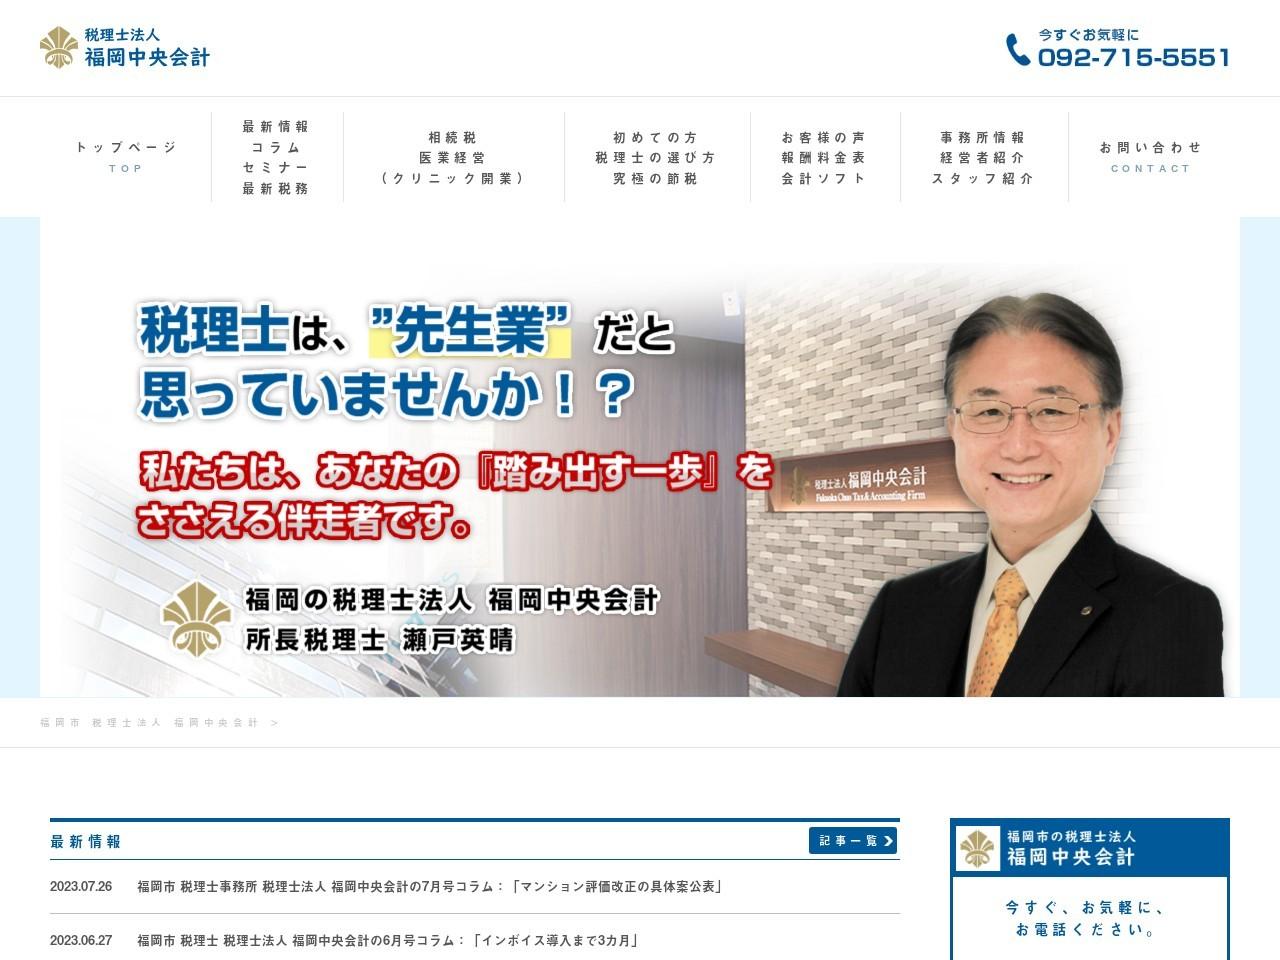 福岡中央会計(税理士法人)